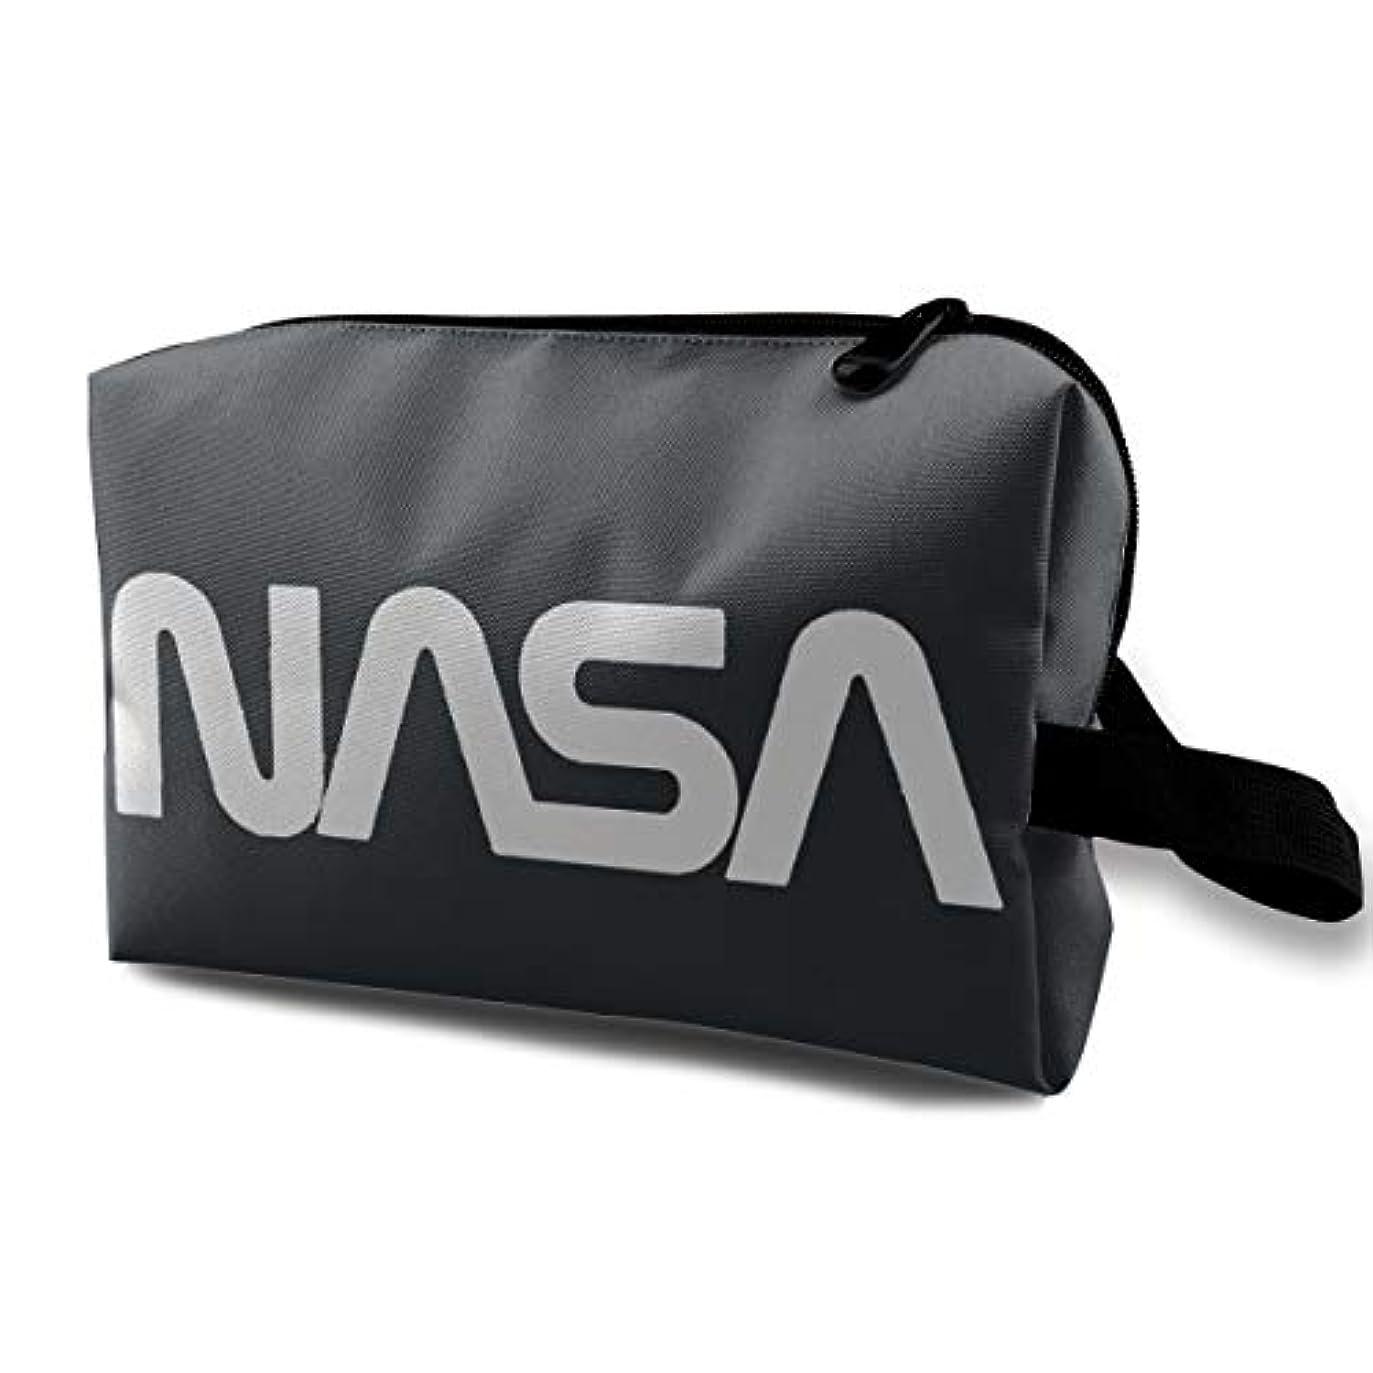 レース夕暮れ慣性DSB 化粧ポーチ コンパクト メイクポーチ 化粧バッグ NASA 航空 宇宙 化粧品 収納バッグ コスメポーチ メイクブラシバッグ 旅行用 大容量